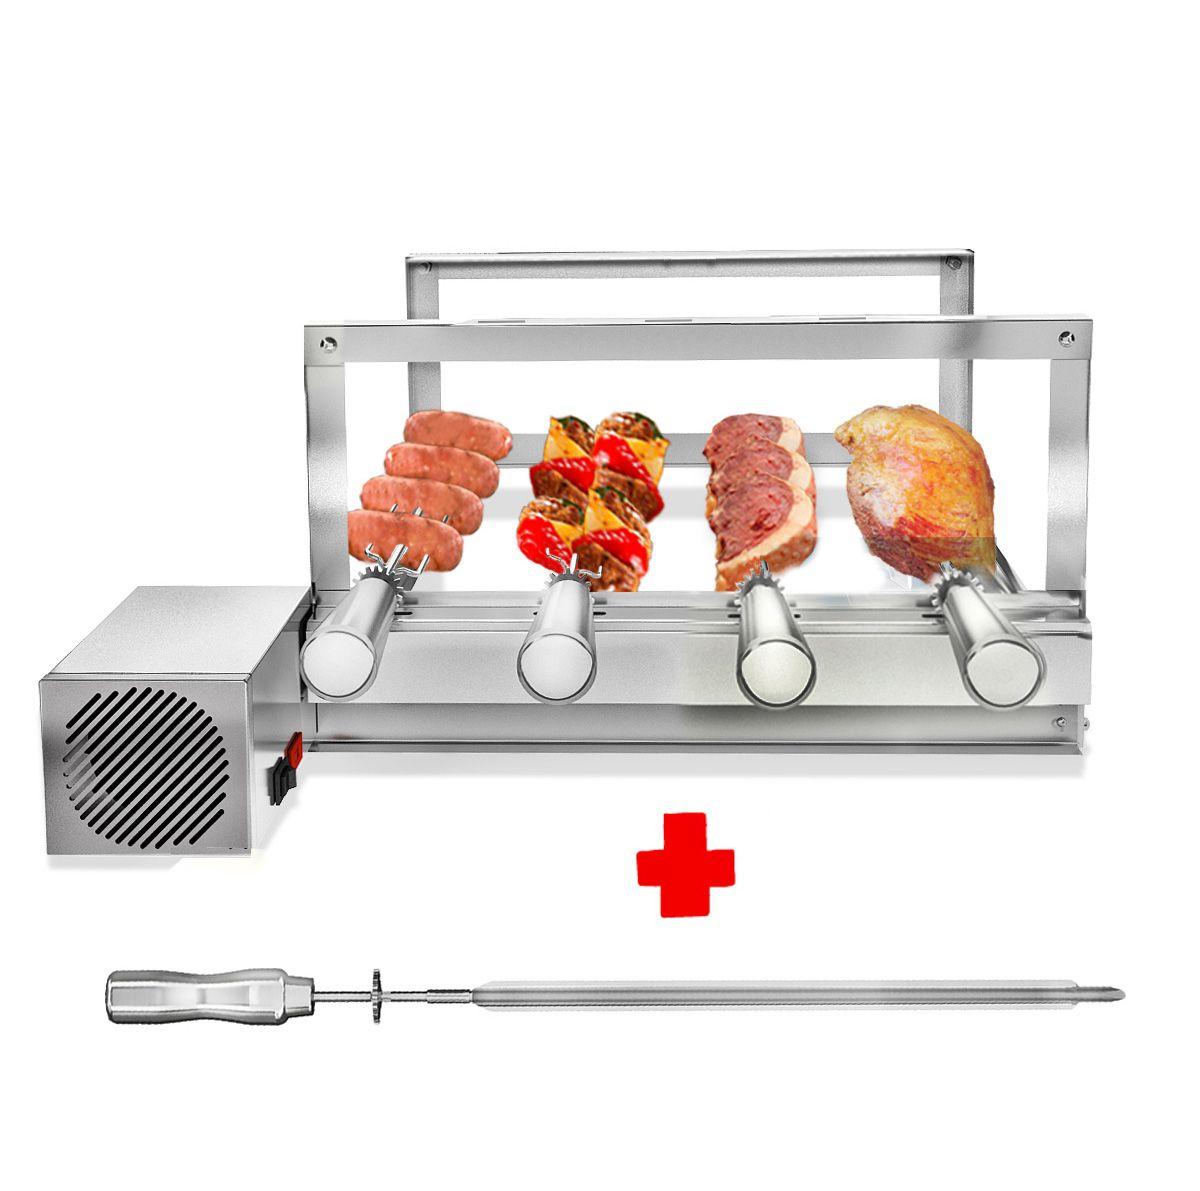 Churrasqueira Gira Grill Inox 4 Espetos Giratórios Motor Bivolt + 1 Espetos Picanheiro